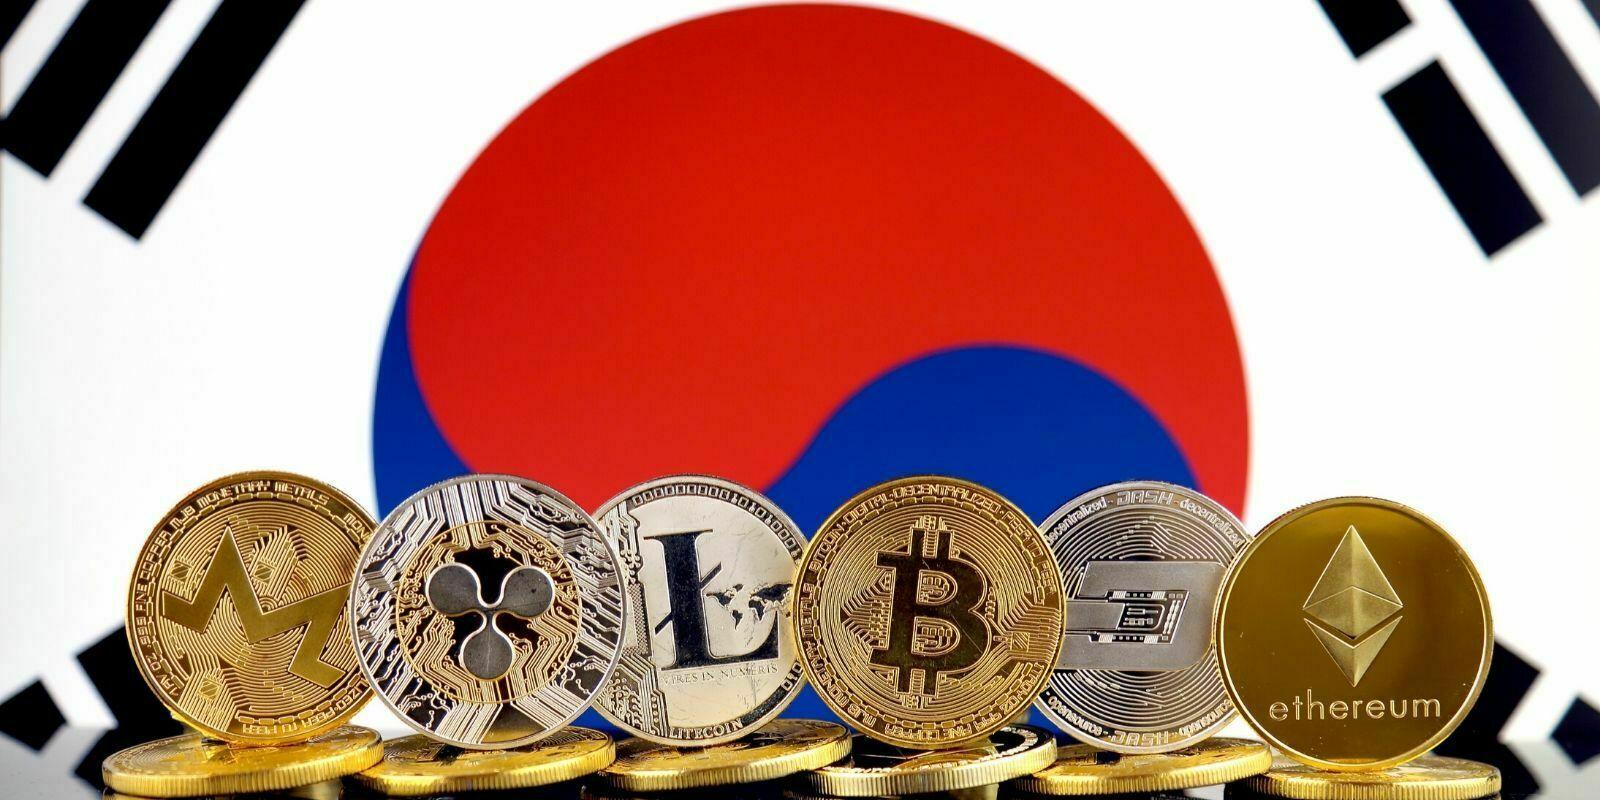 Corée du Sud : les gains en cryptomonnaie pourraient être taxés à 20%